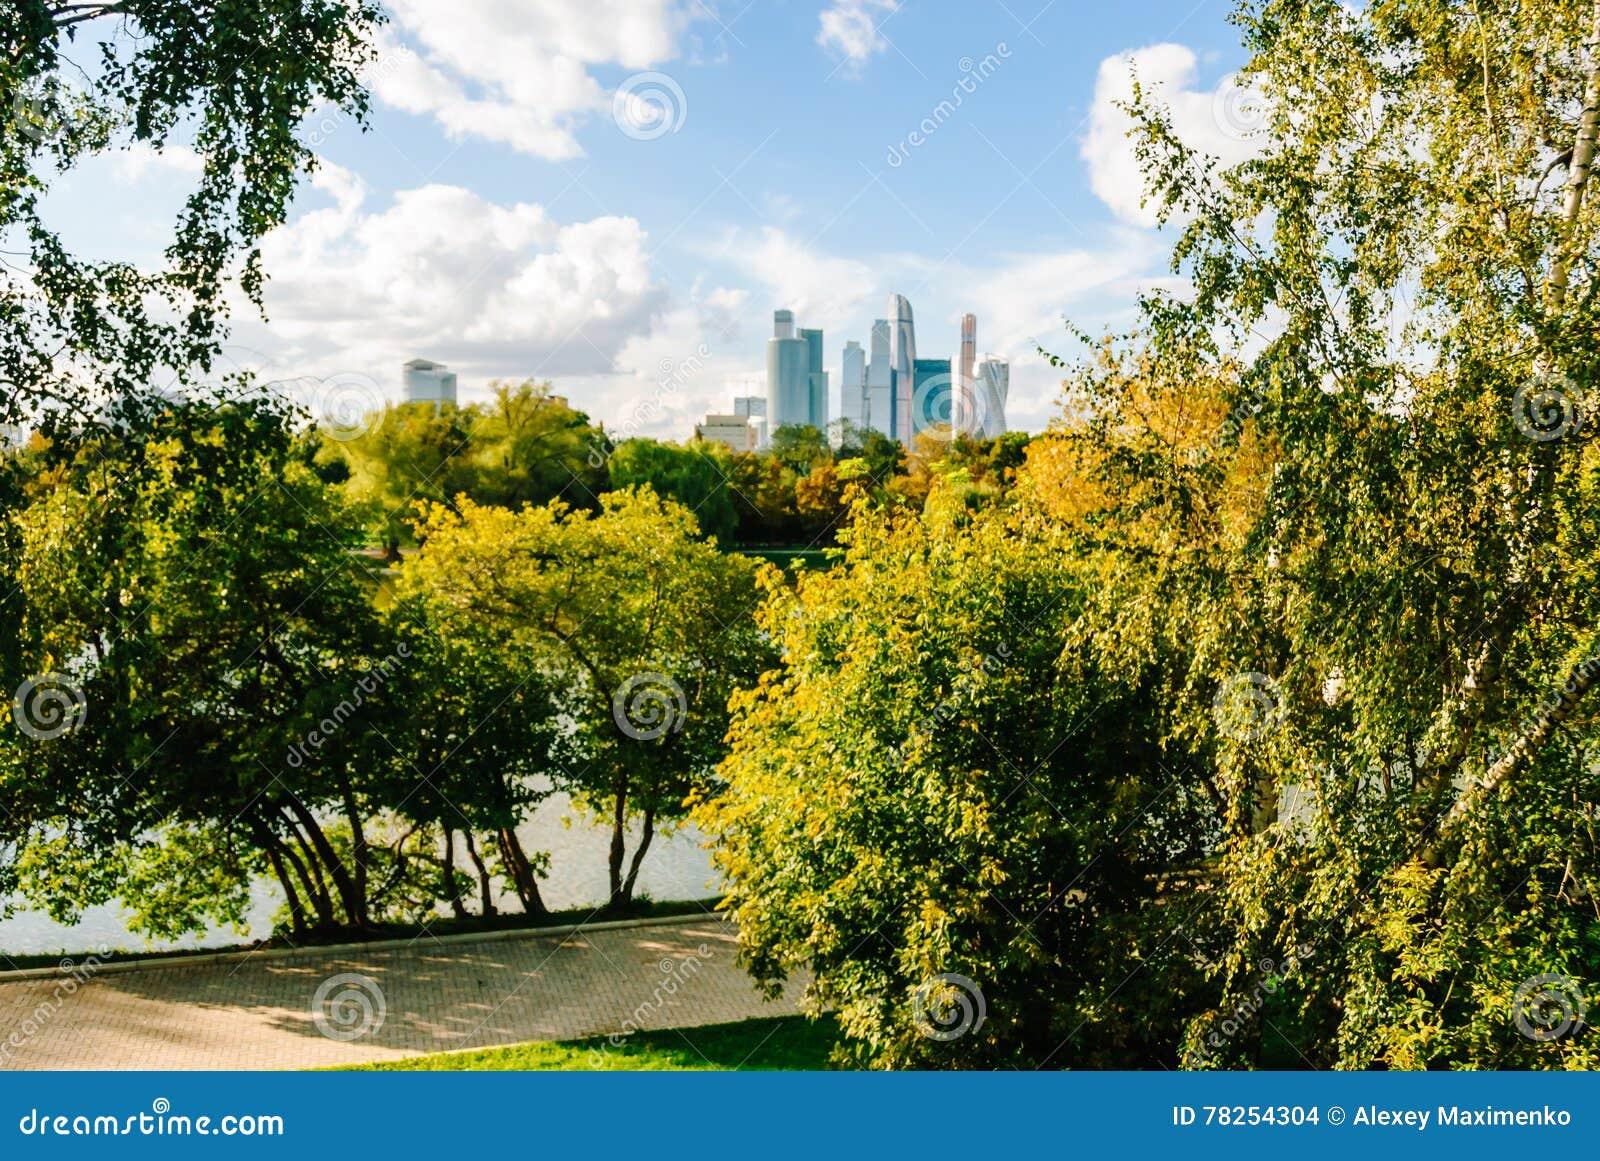 Άποψη σχετικά με τους ουρανοξύστες πόλεων της Μόσχας από το πάρκο κατά τη διάρκεια του χρυσού φθινοπώρου